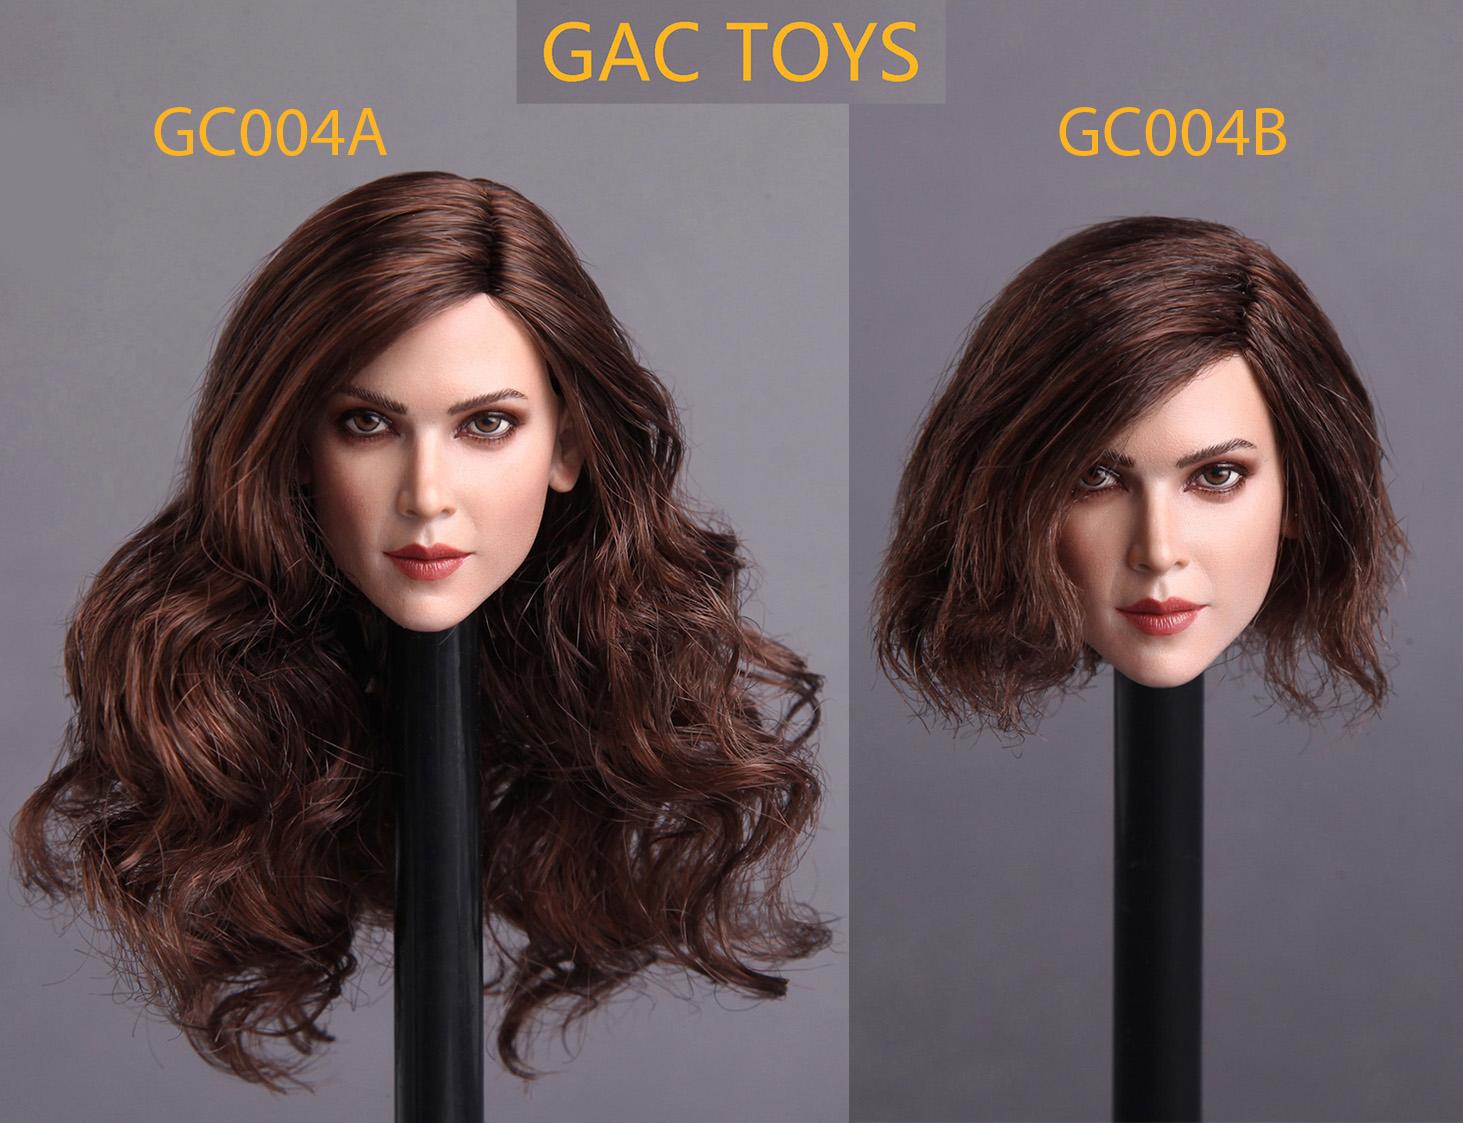 GACTOYS GC004 American beauty